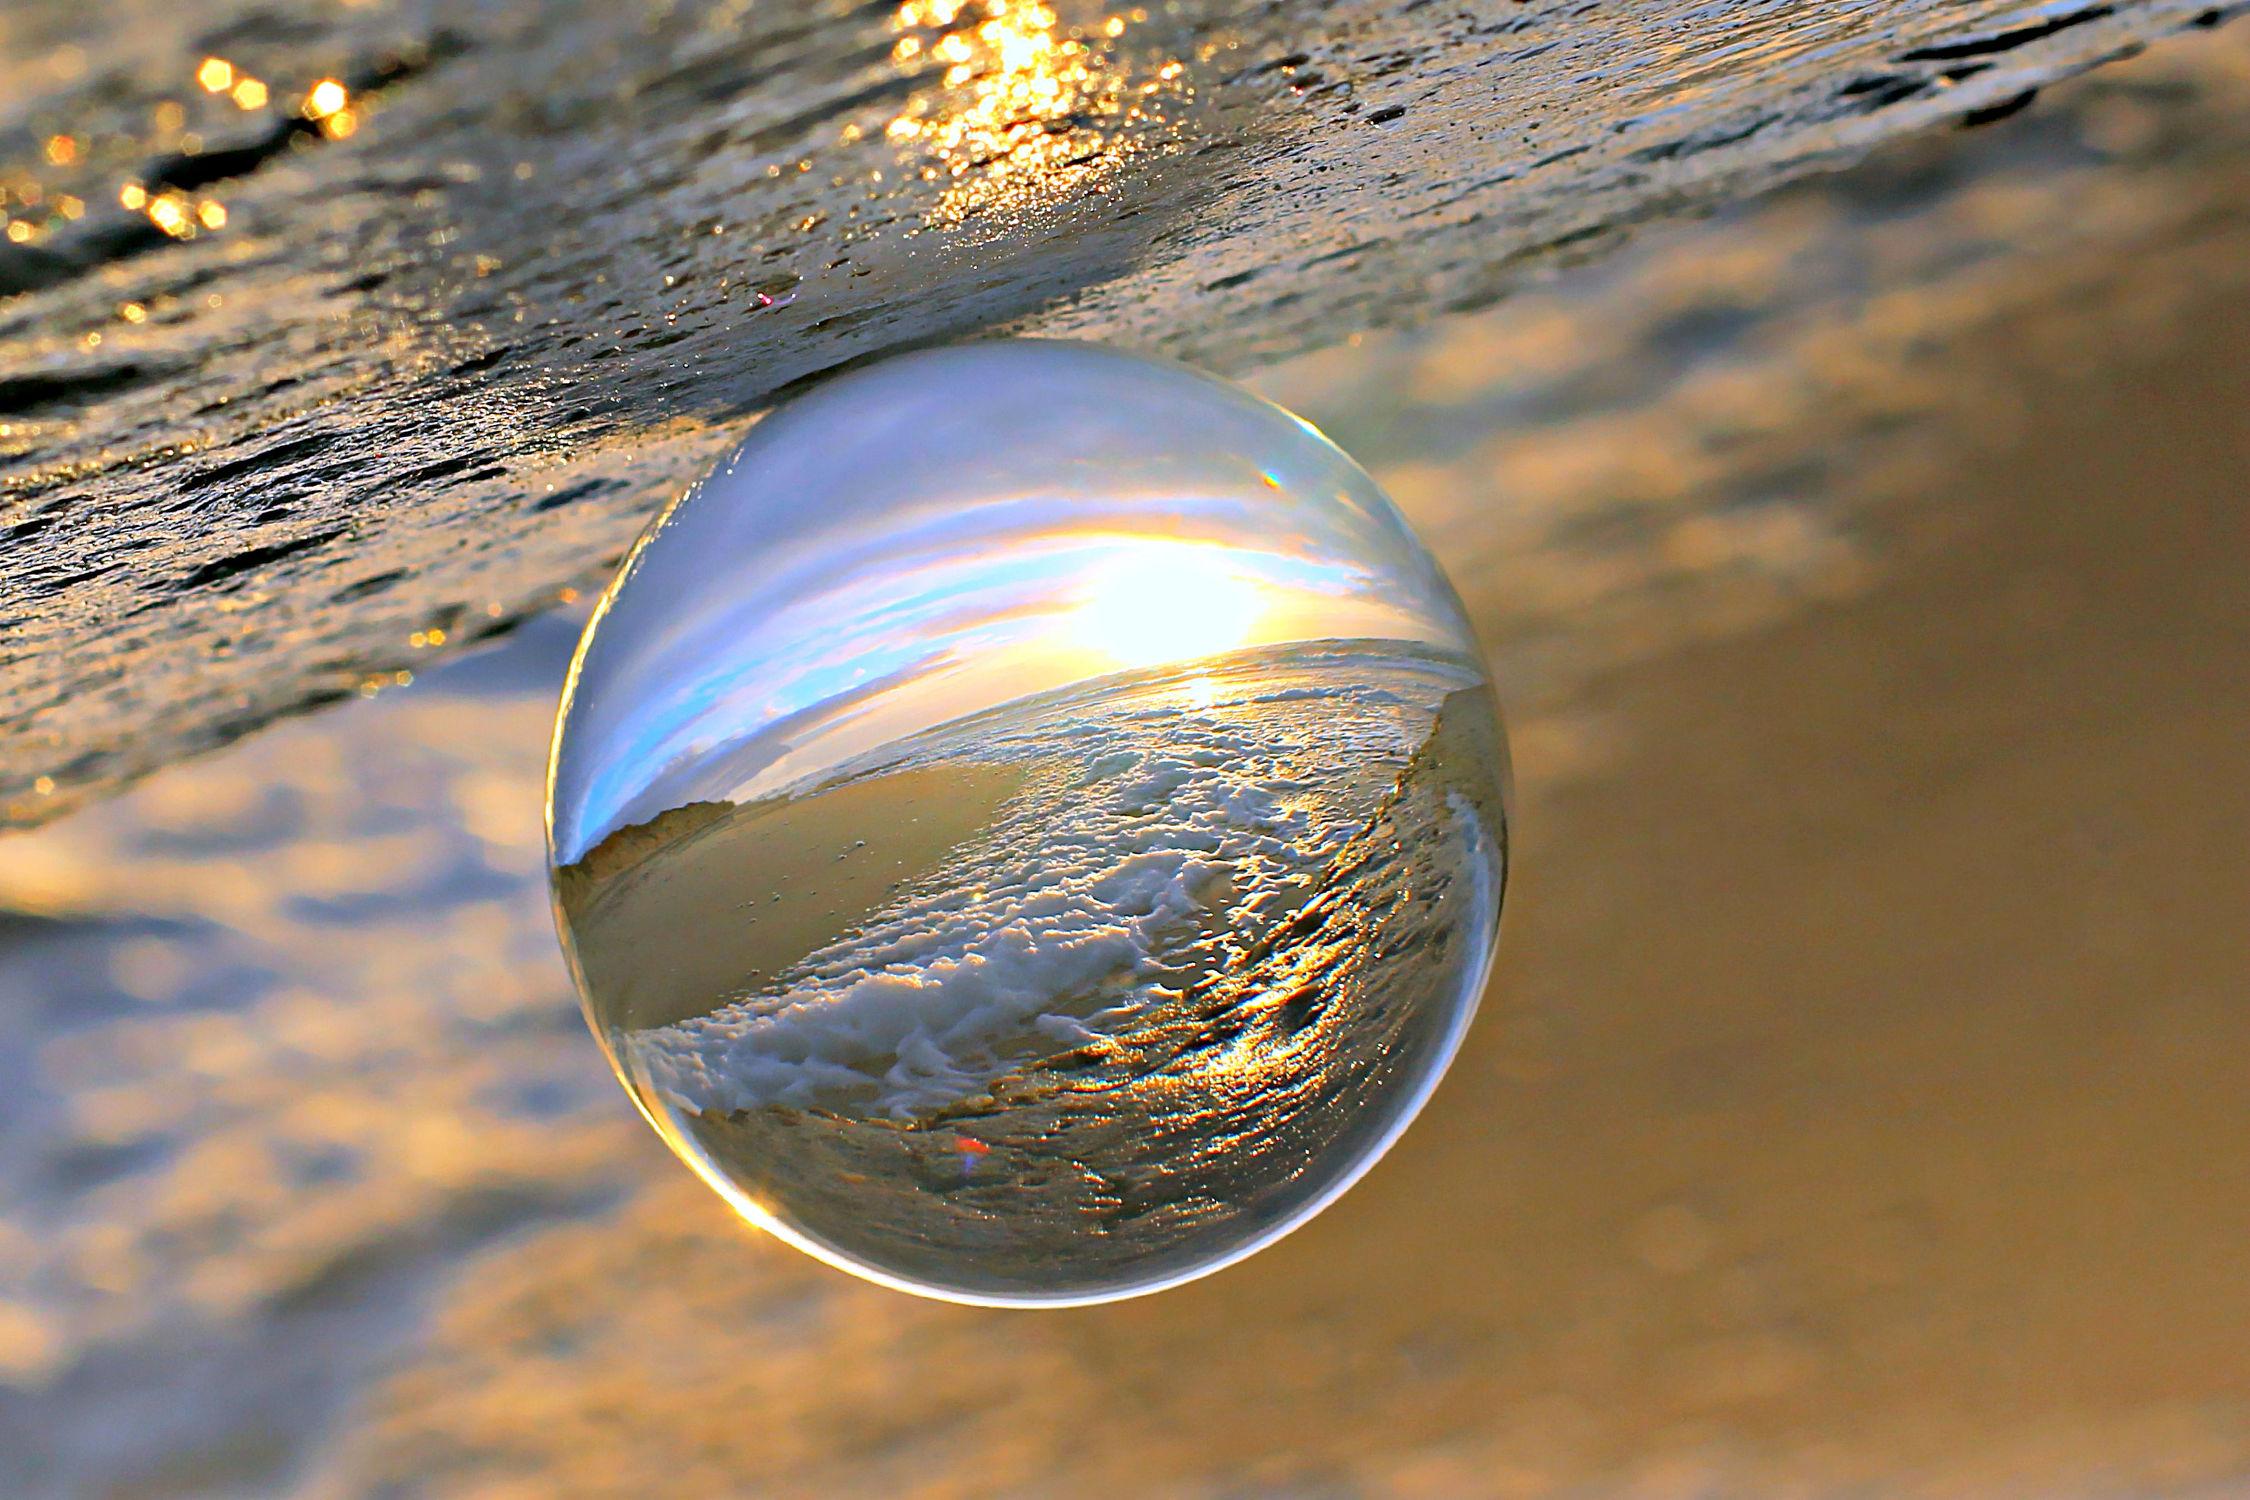 Bild mit Glas, romantik, Licht, Spiegelung, Sonnenstrahlen, Traum, Strahlen, Kugel, glaskugel, träumerisch